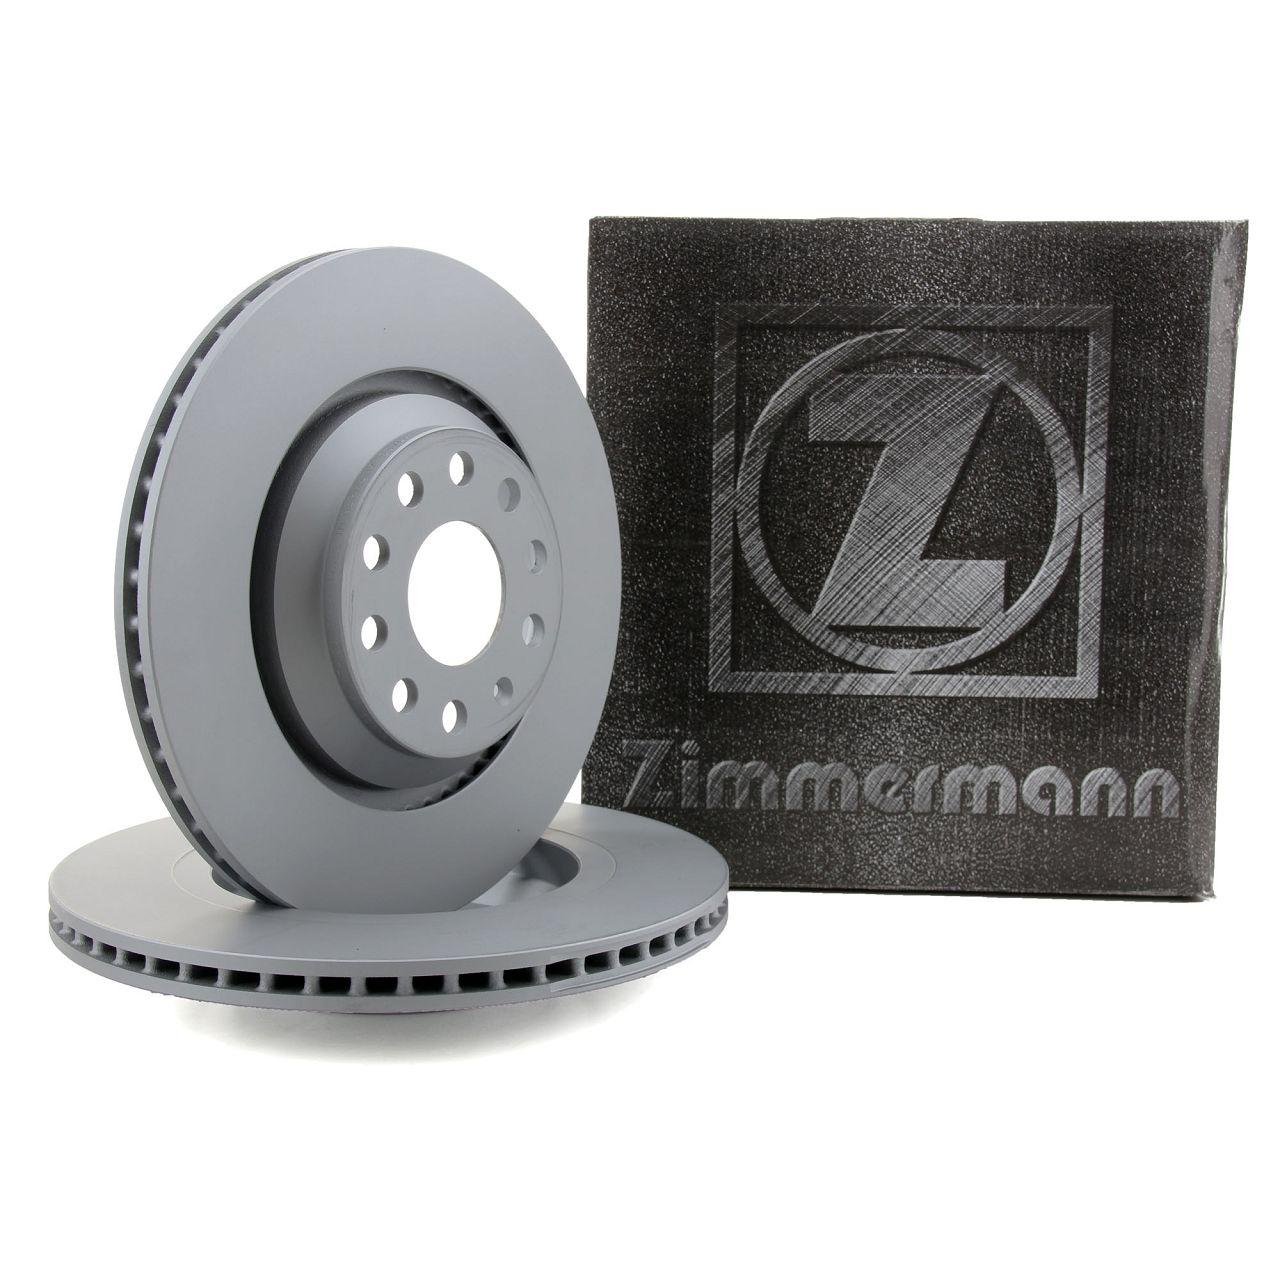 ZIMMERMANN Bremsscheiben Ø 310mm für AUDI S3 3.2 V6 LEON GOLF 5 6 7 GTI/R hinten